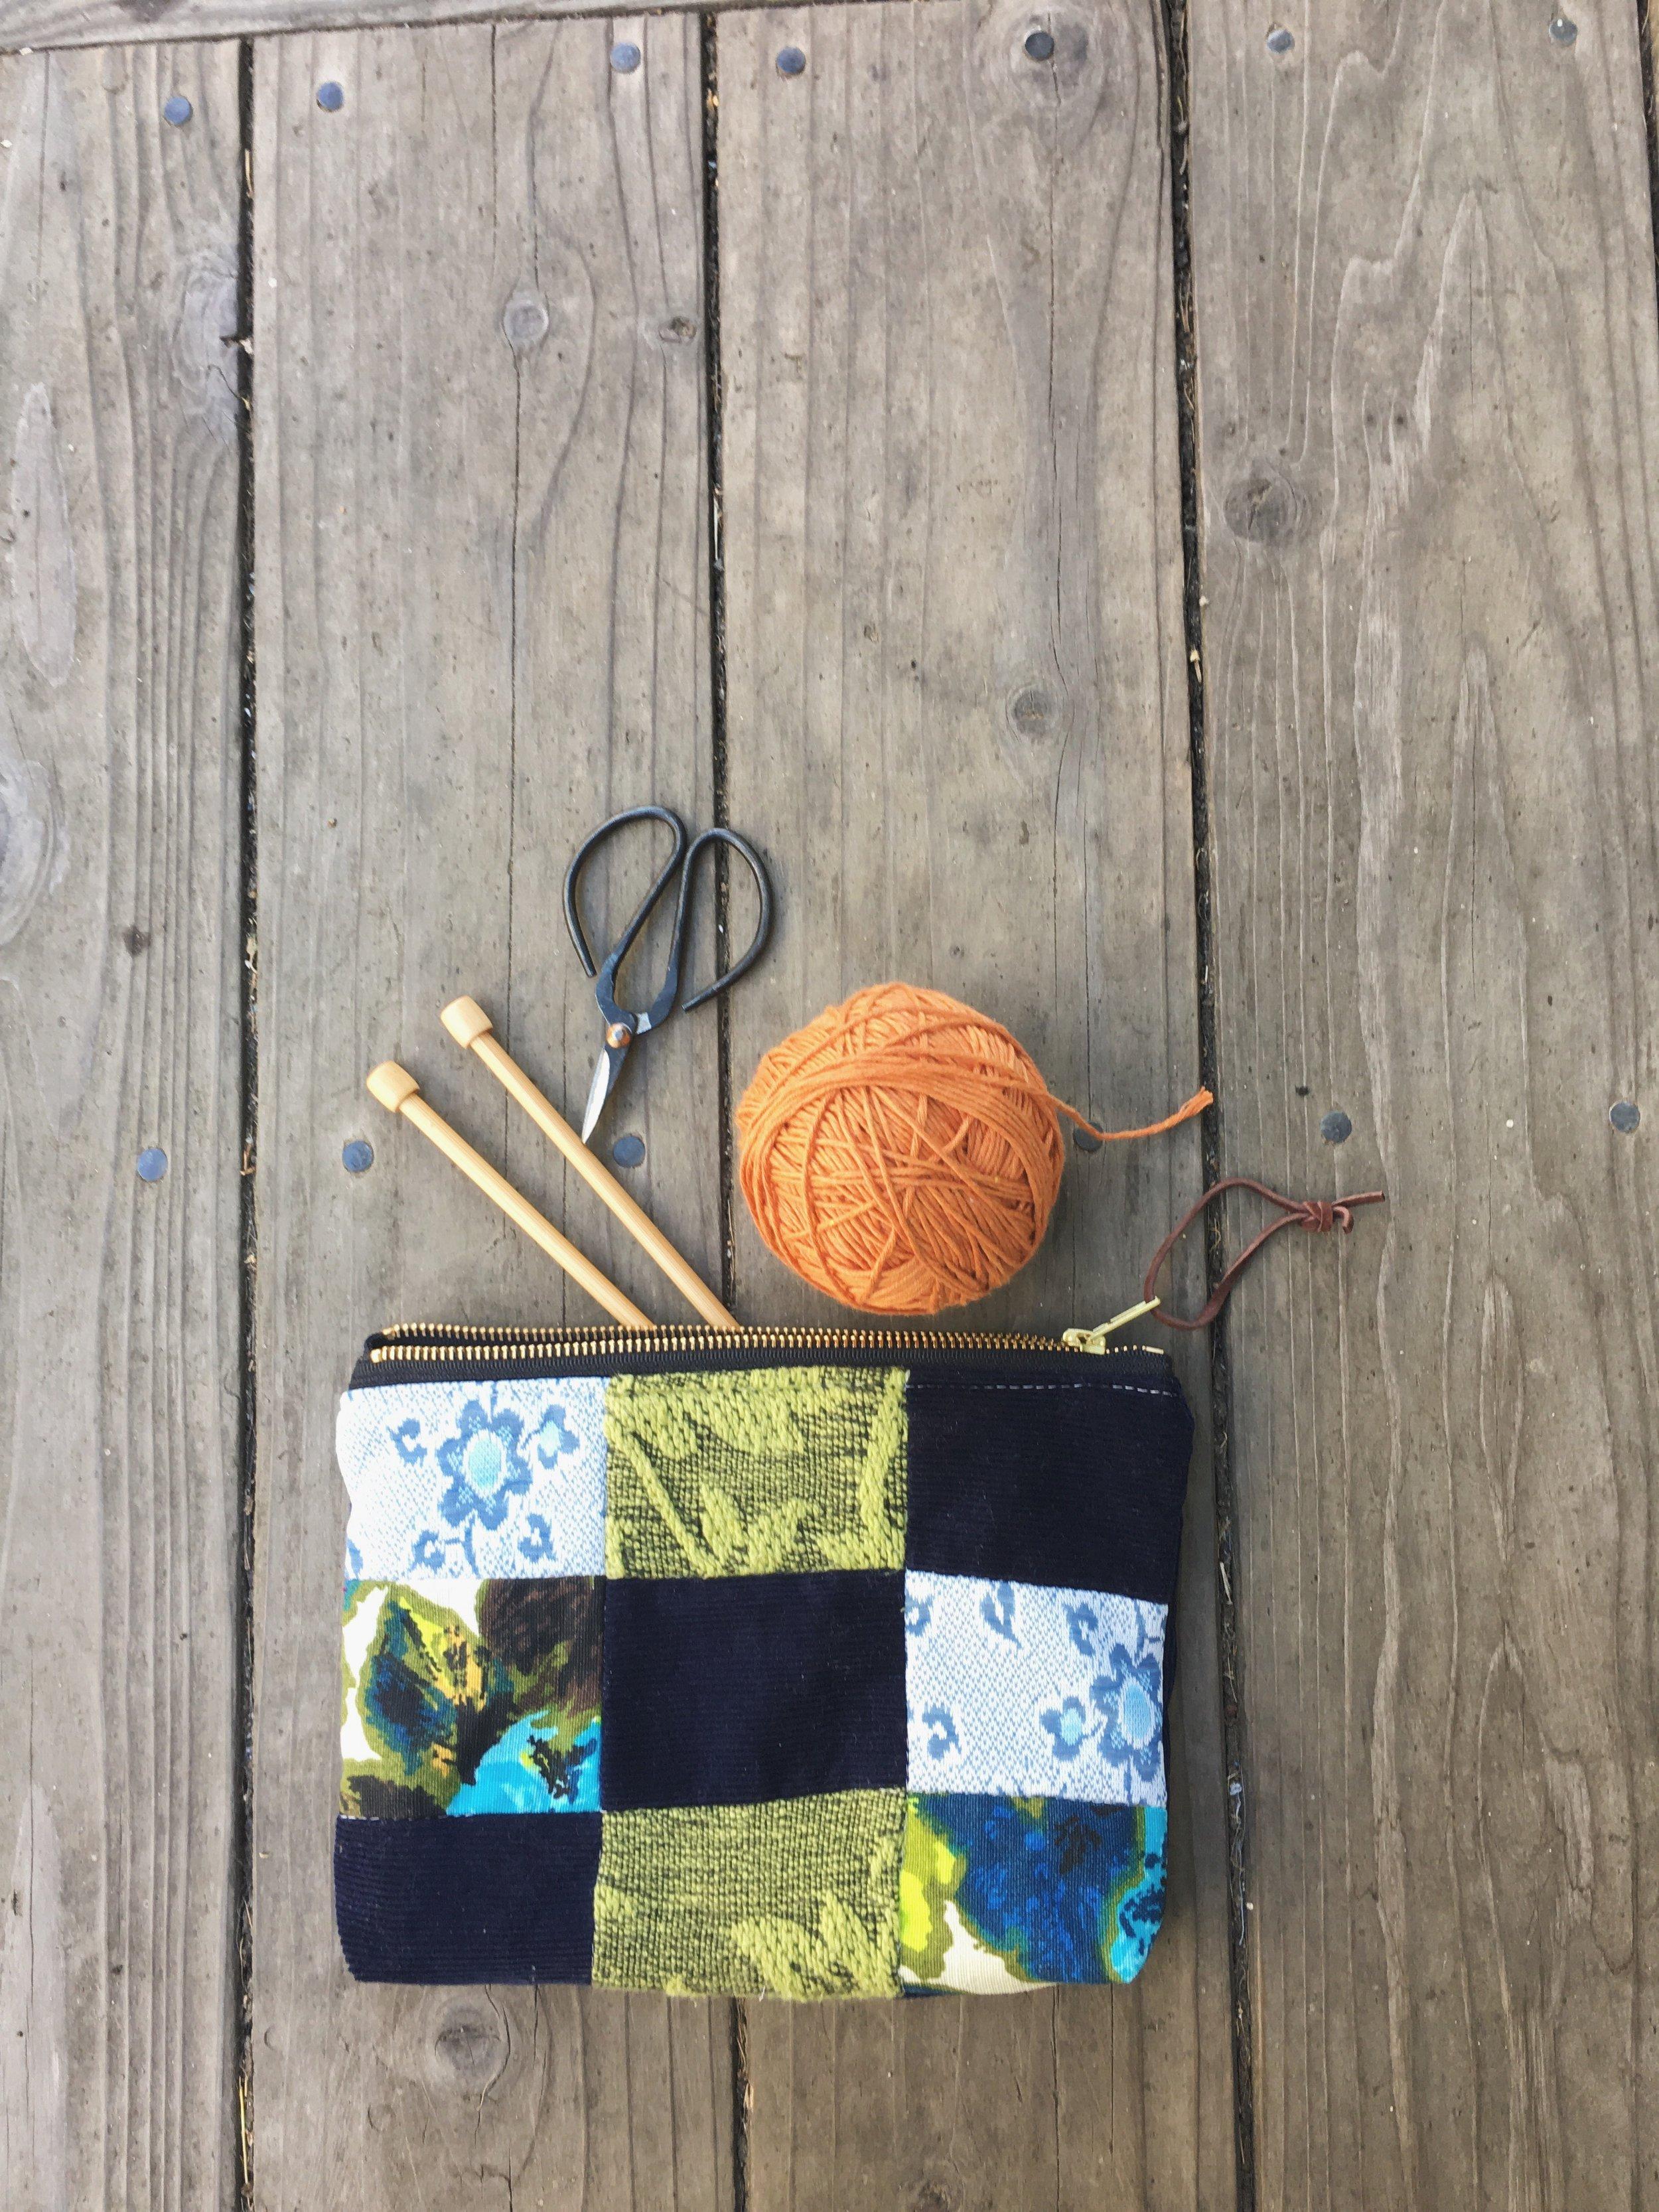 Blue Patchwork Zipper Bag by bluecorduroy.com